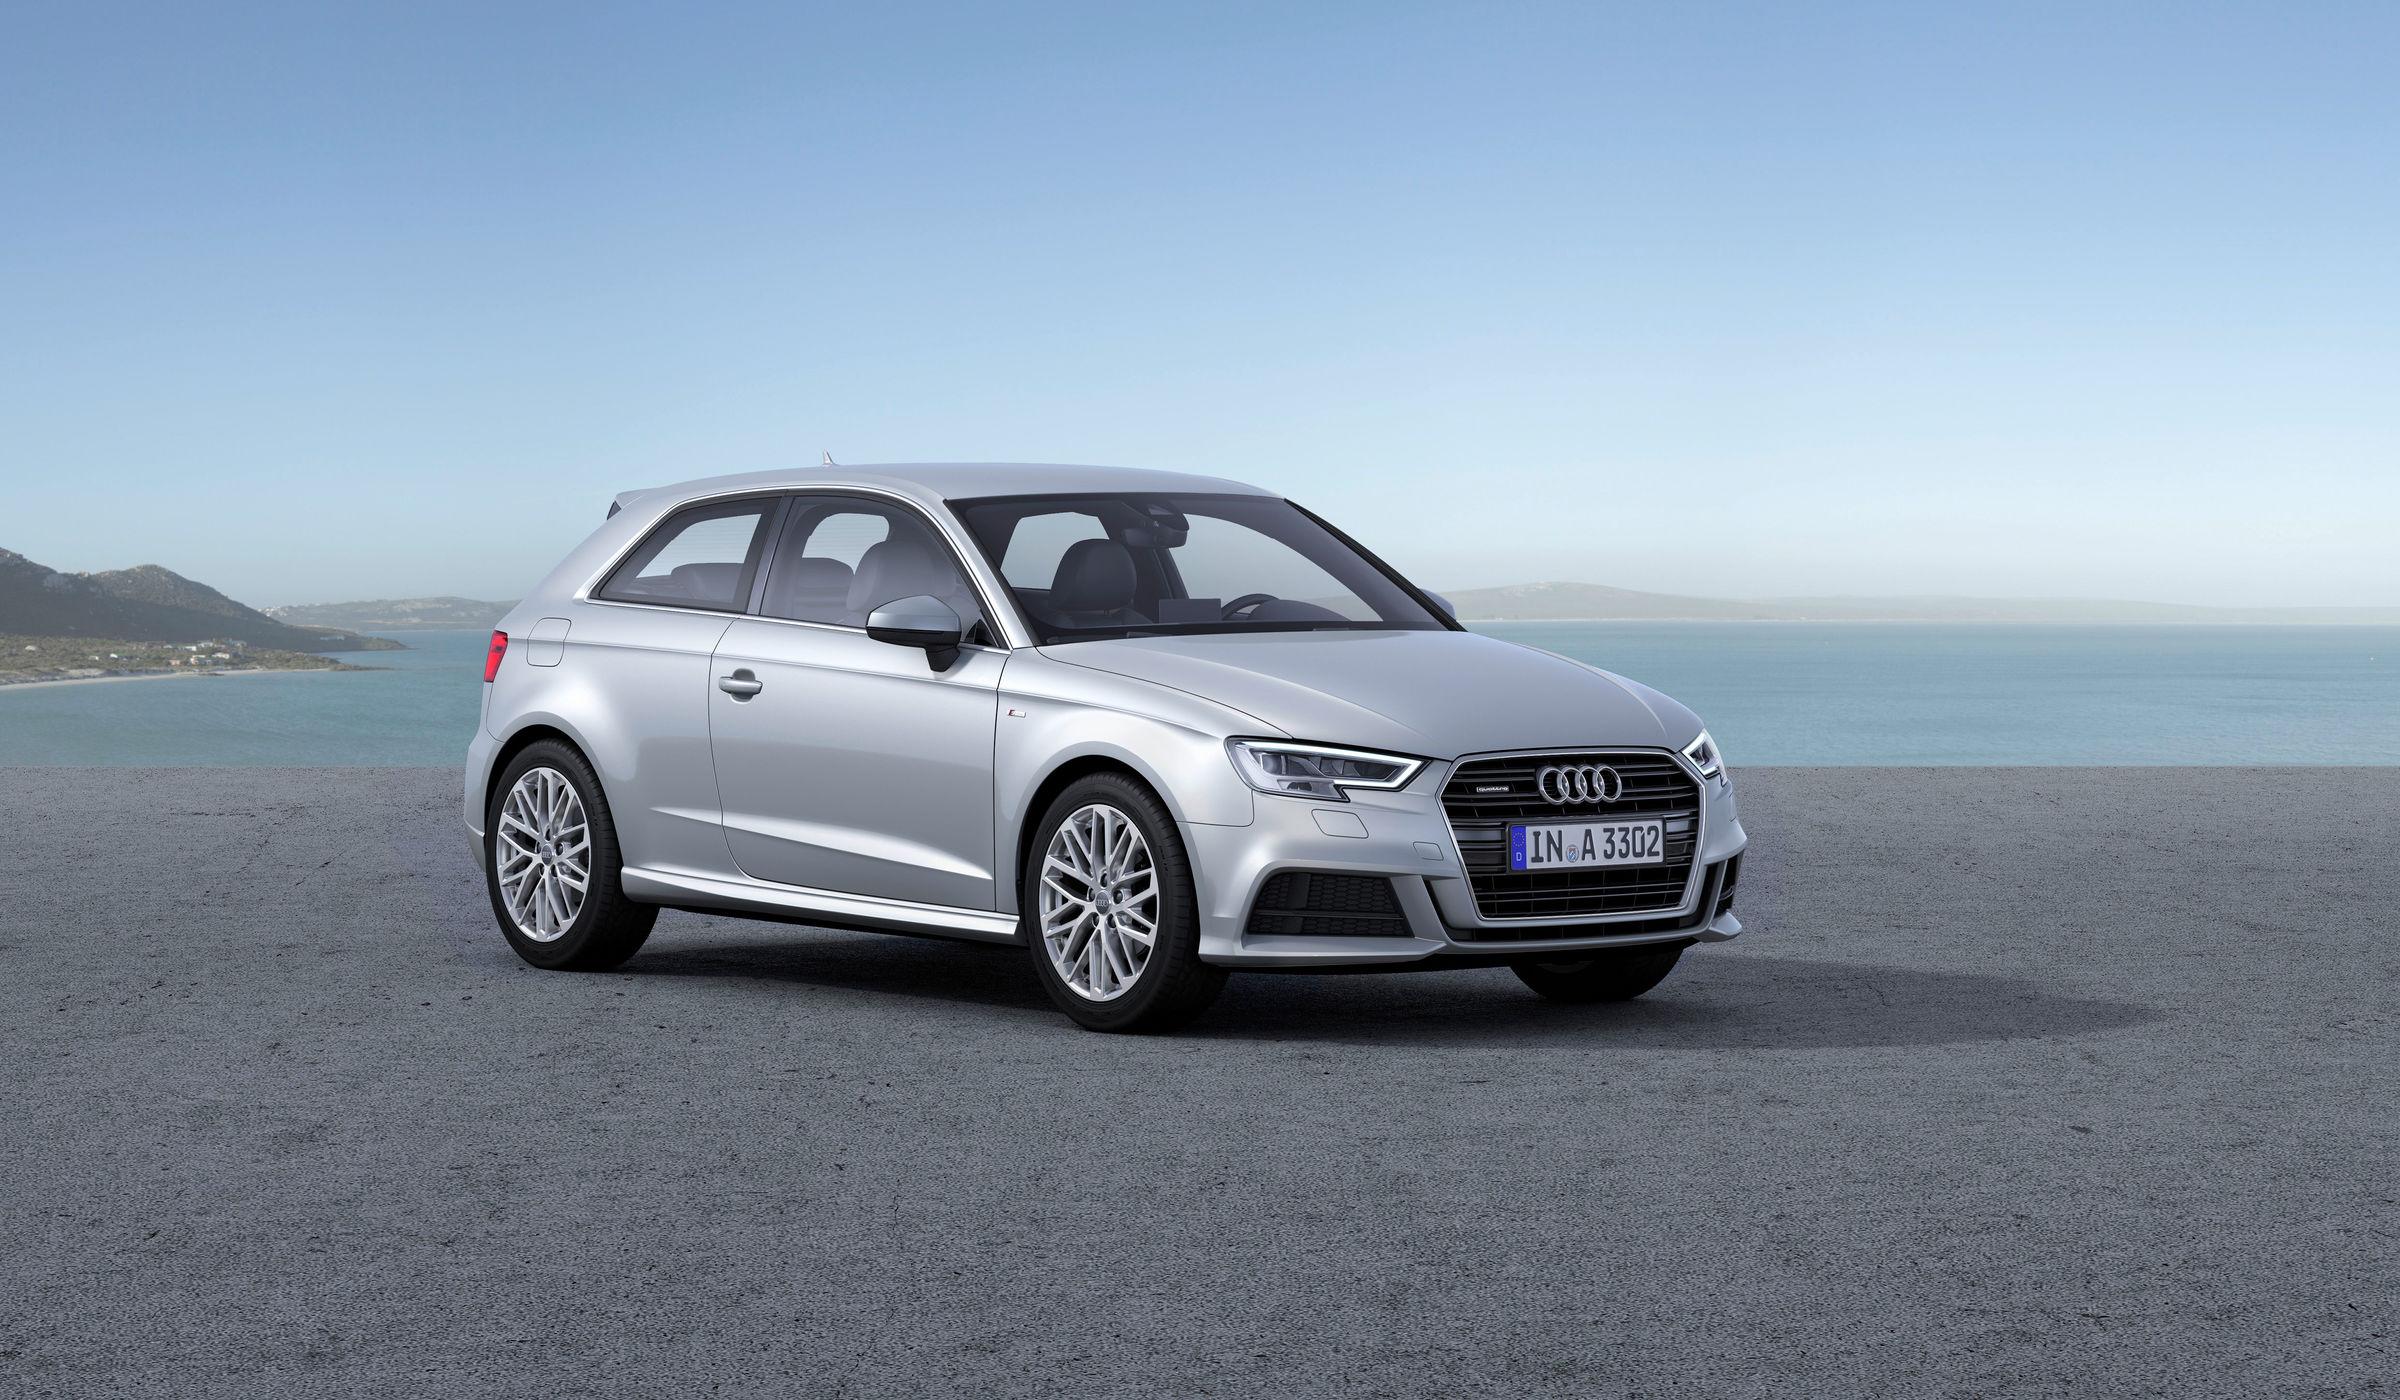 Audi A3 Sportback E Tron G Wiring Diagrams Online